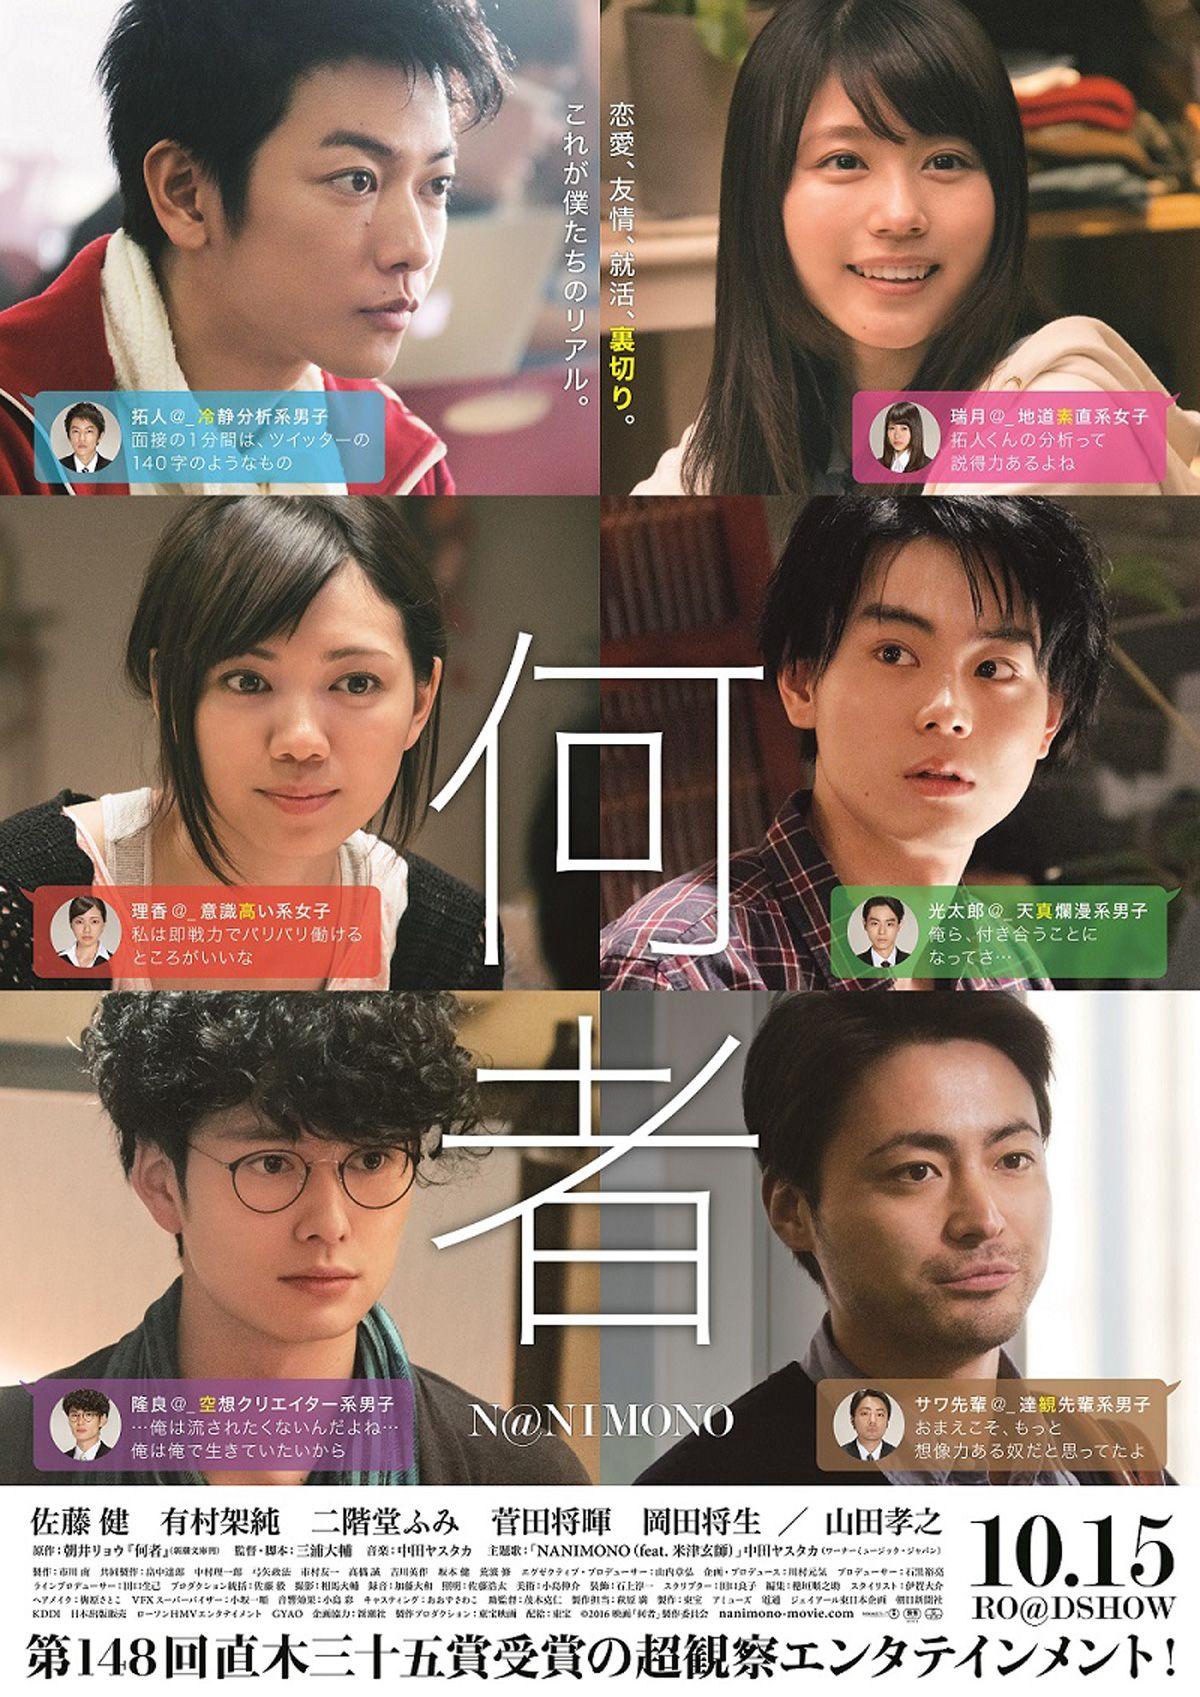 無料 愛の渦 映画 『愛の渦』が、今なら無料視聴できる!